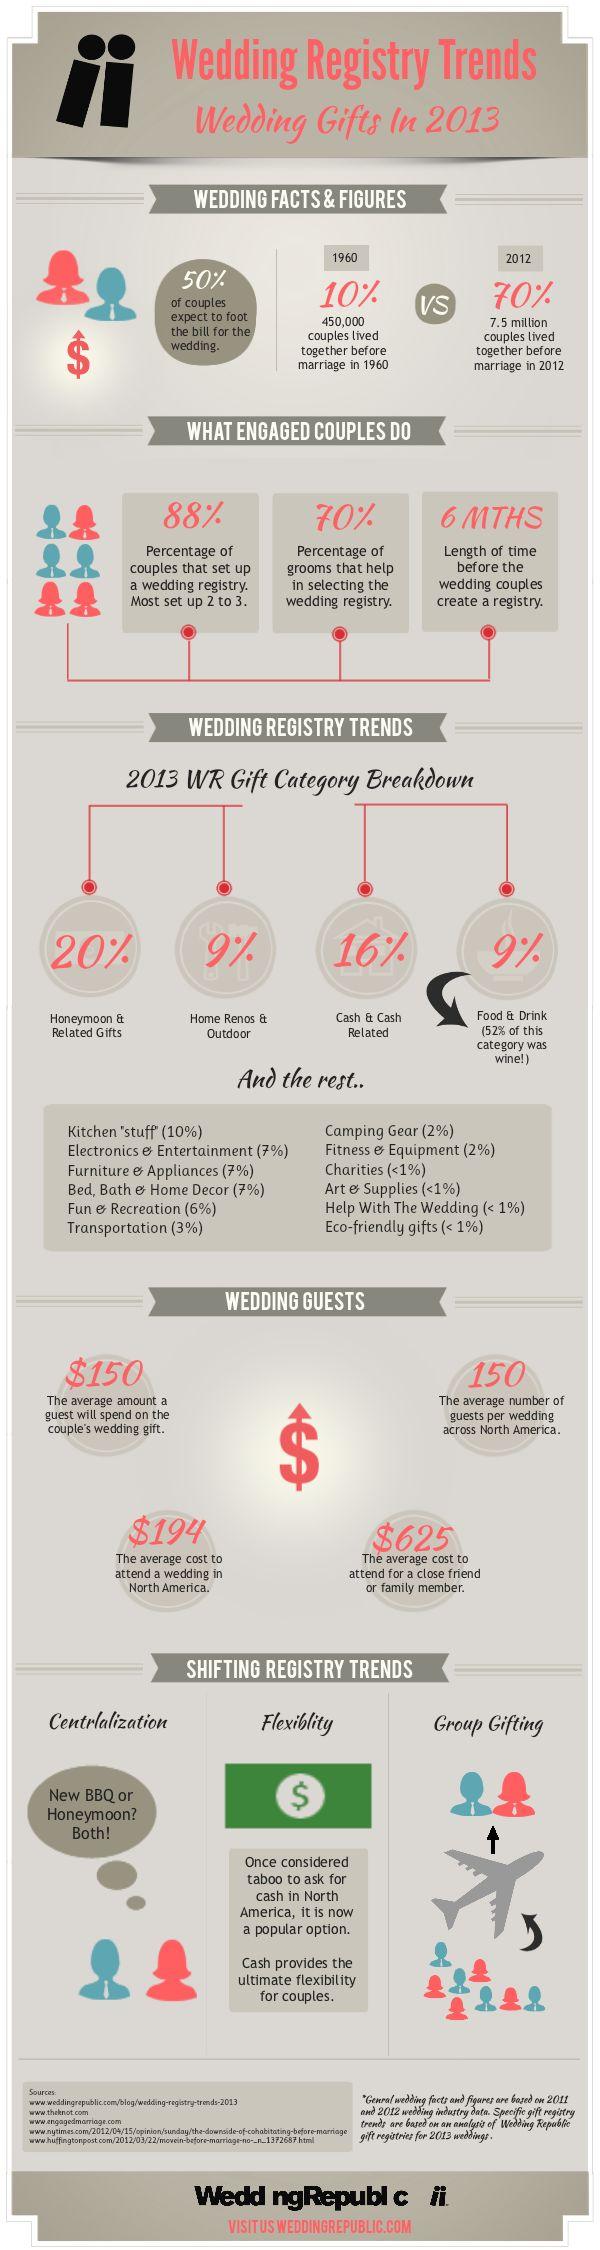 2013 Wedding Registry Trends